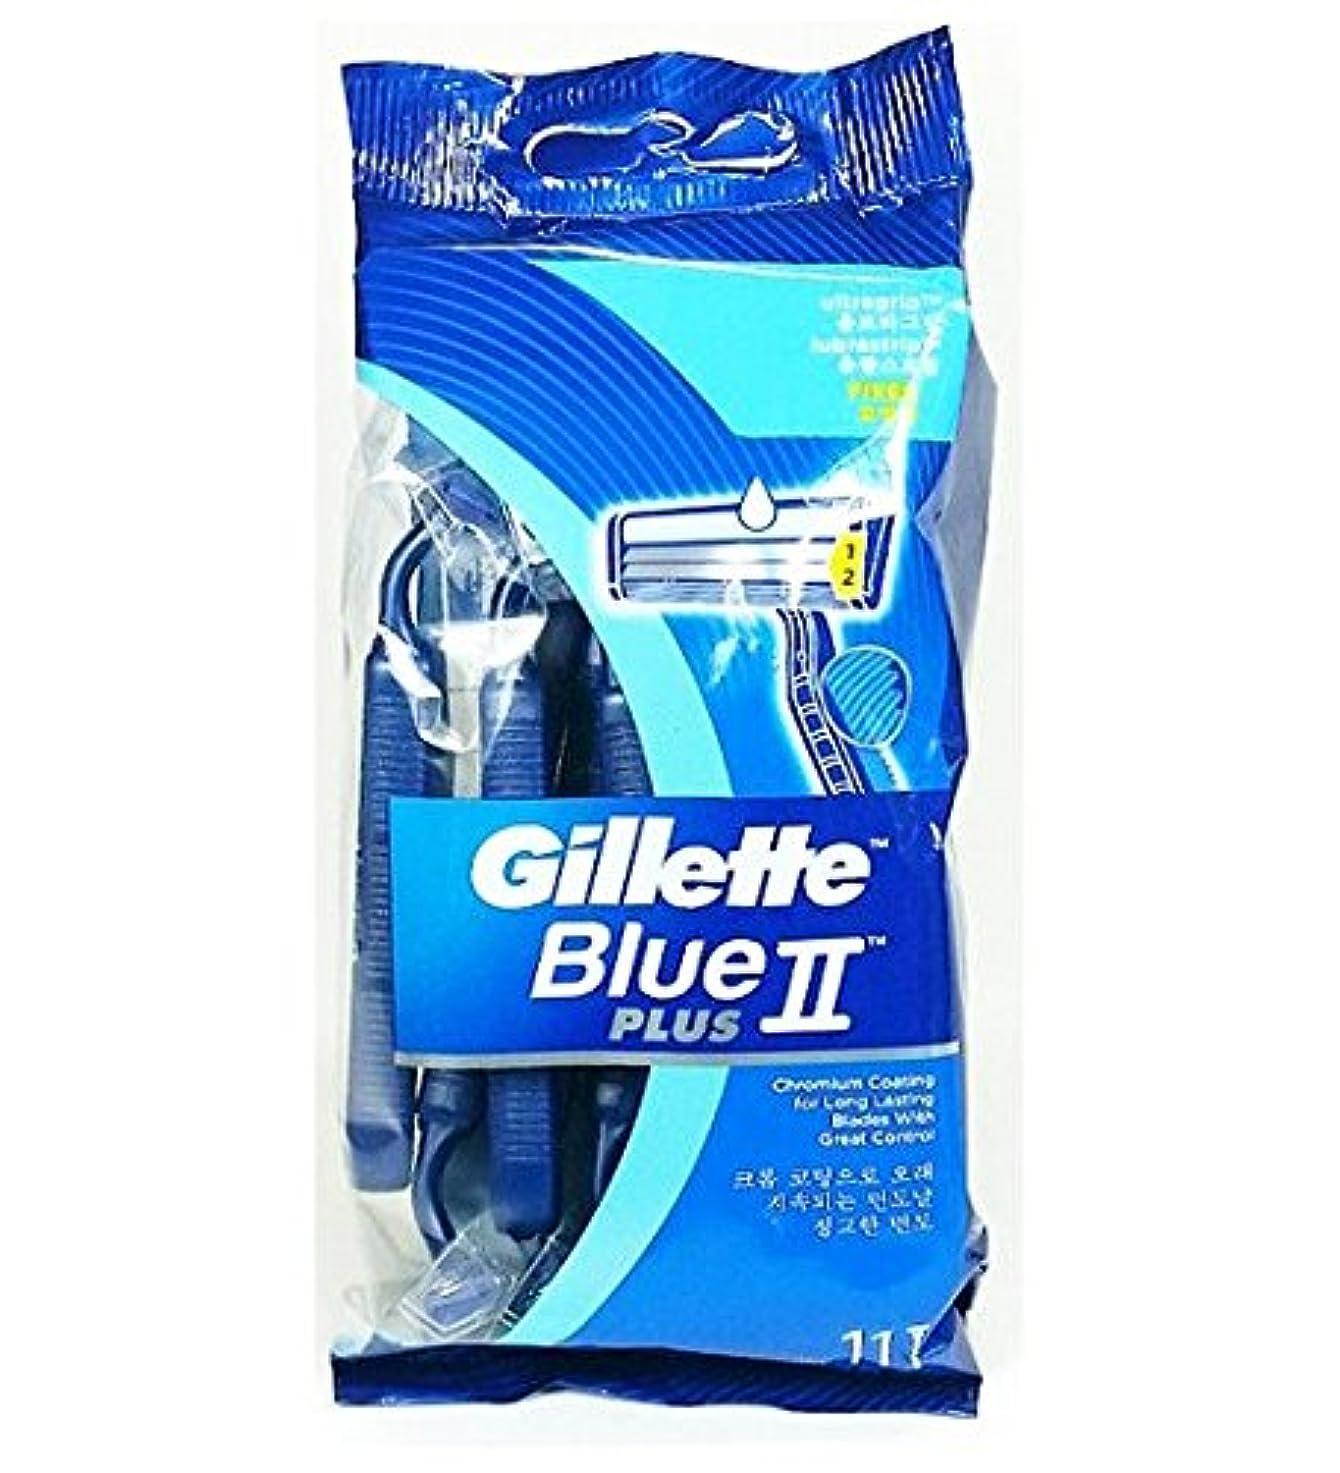 エキスパートさびたクラッチ[ジレット]ジレットブルーII使い捨てシェービングかみそり(11個) Gillette Blue II Disposable Shaving Razors (11 Pieces) [並行輸入品]